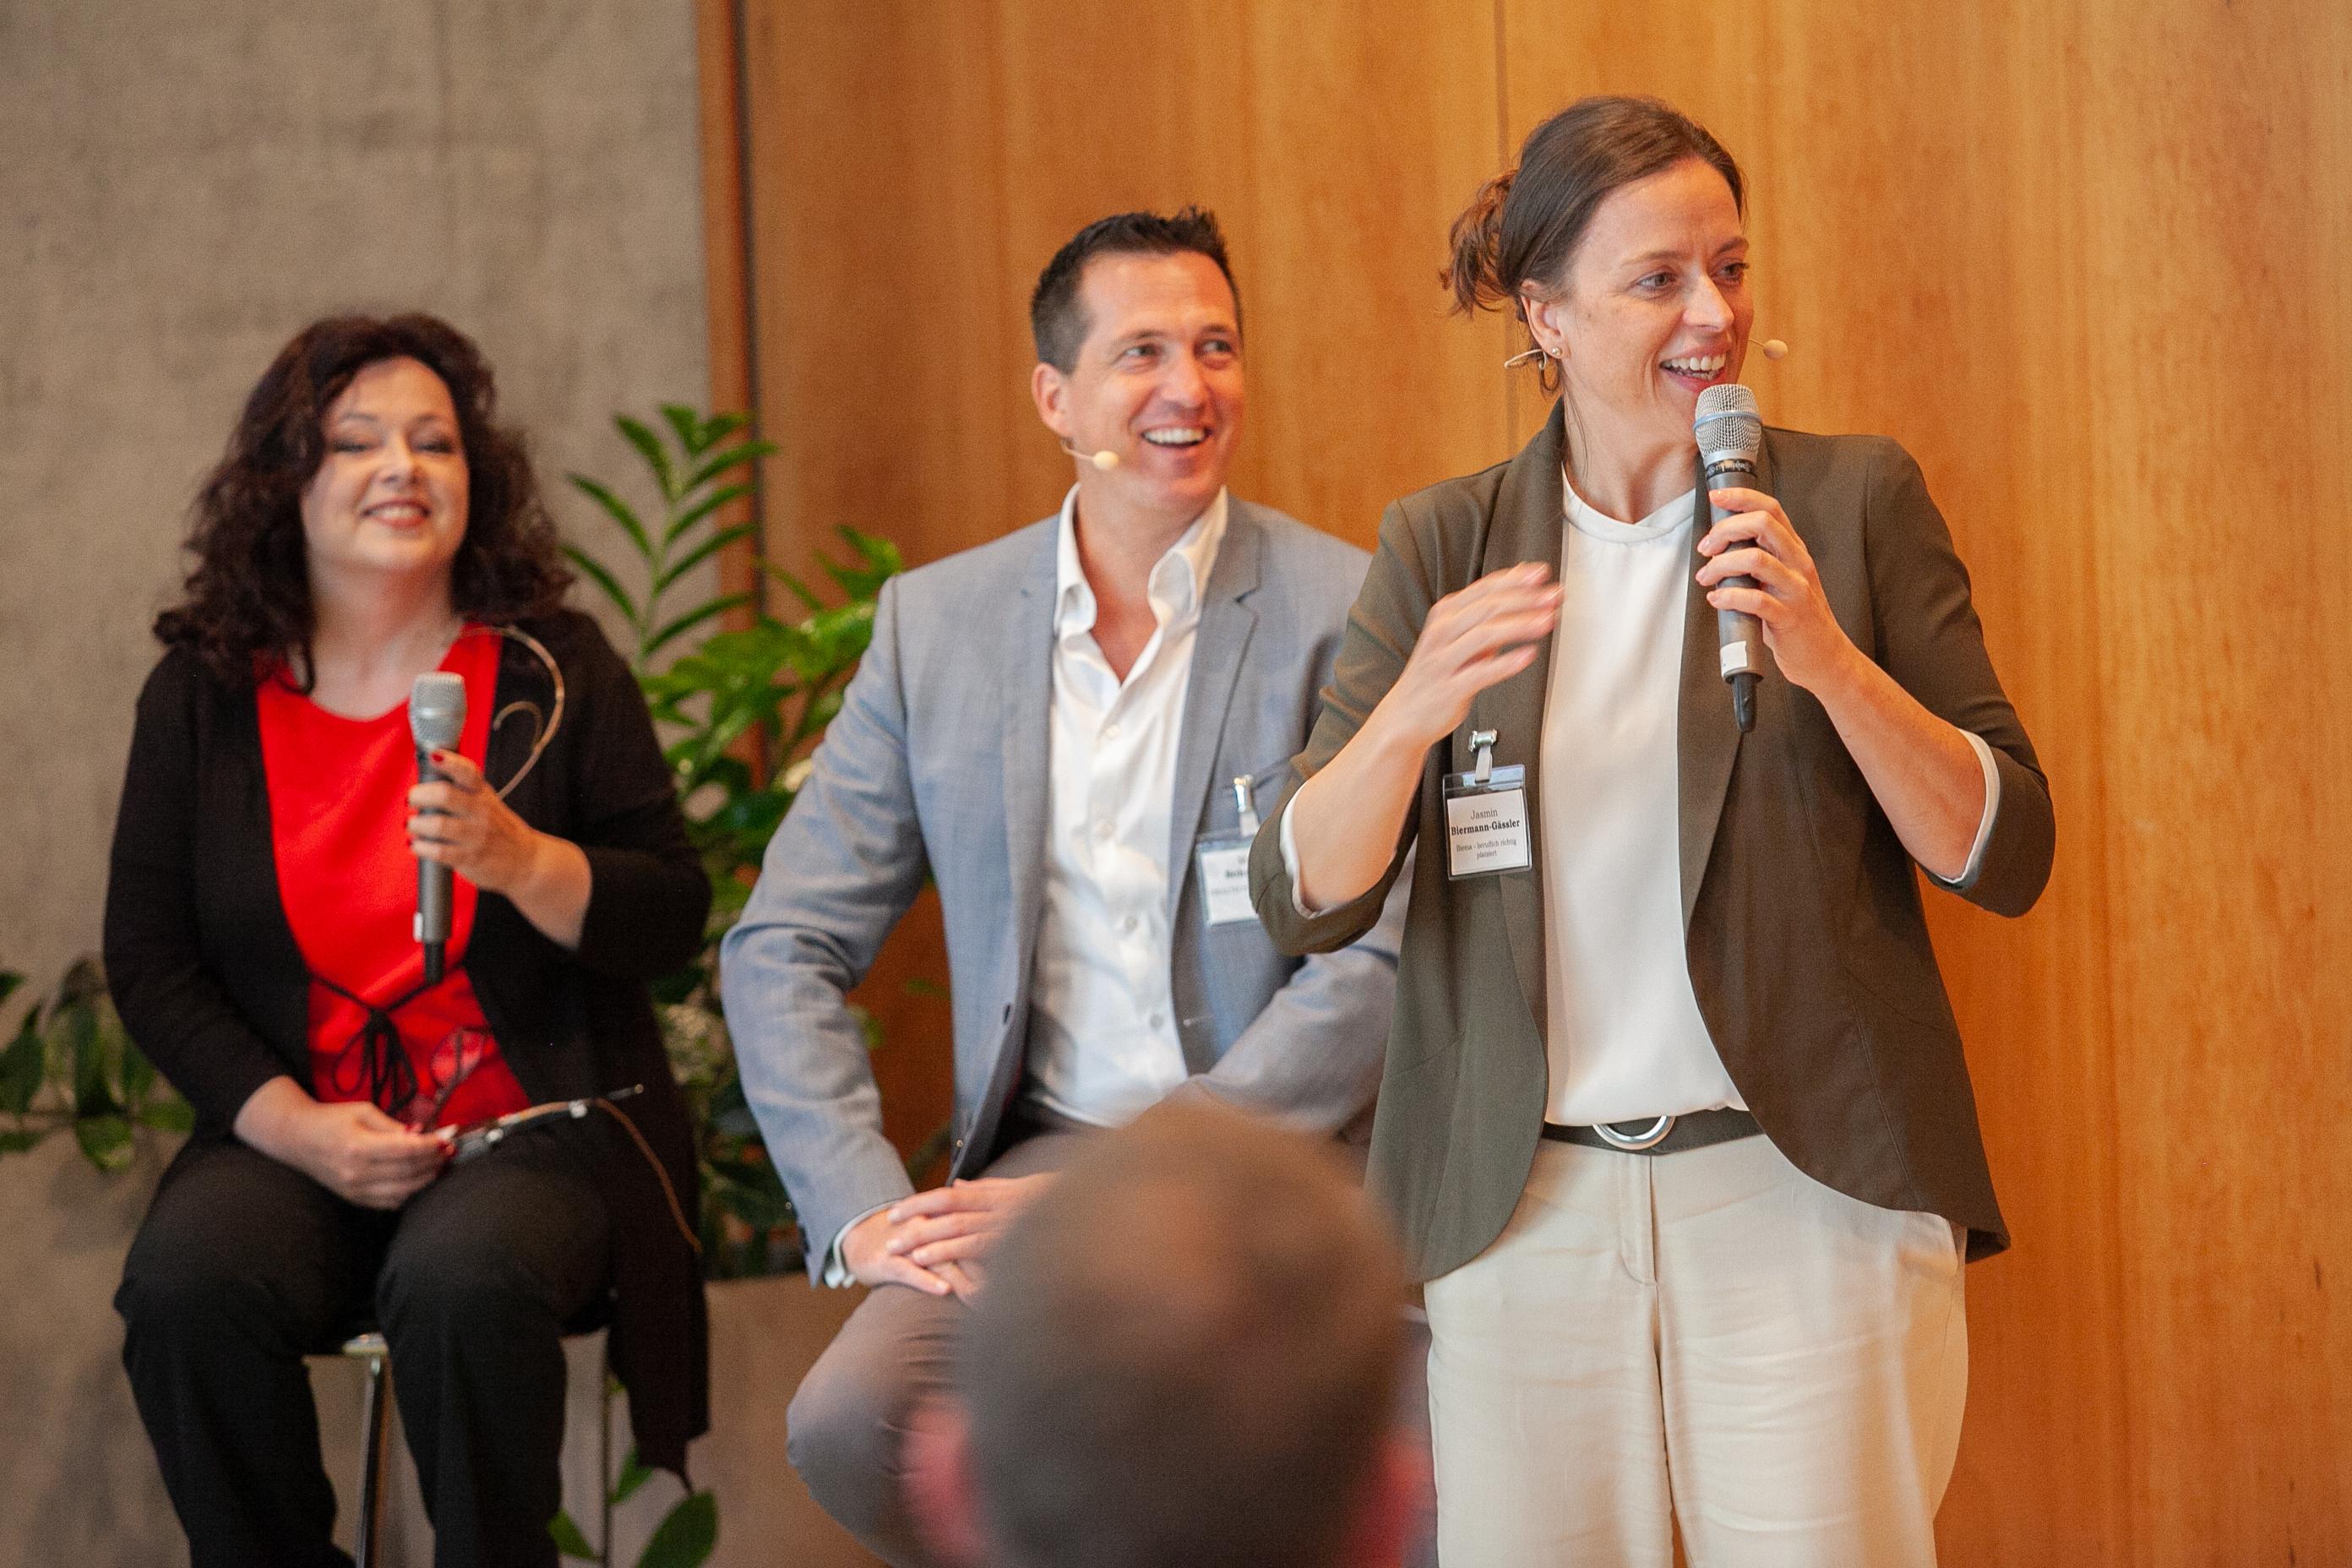 Diskussionsrunde moderiert von Jasmin Biermann-Gässler